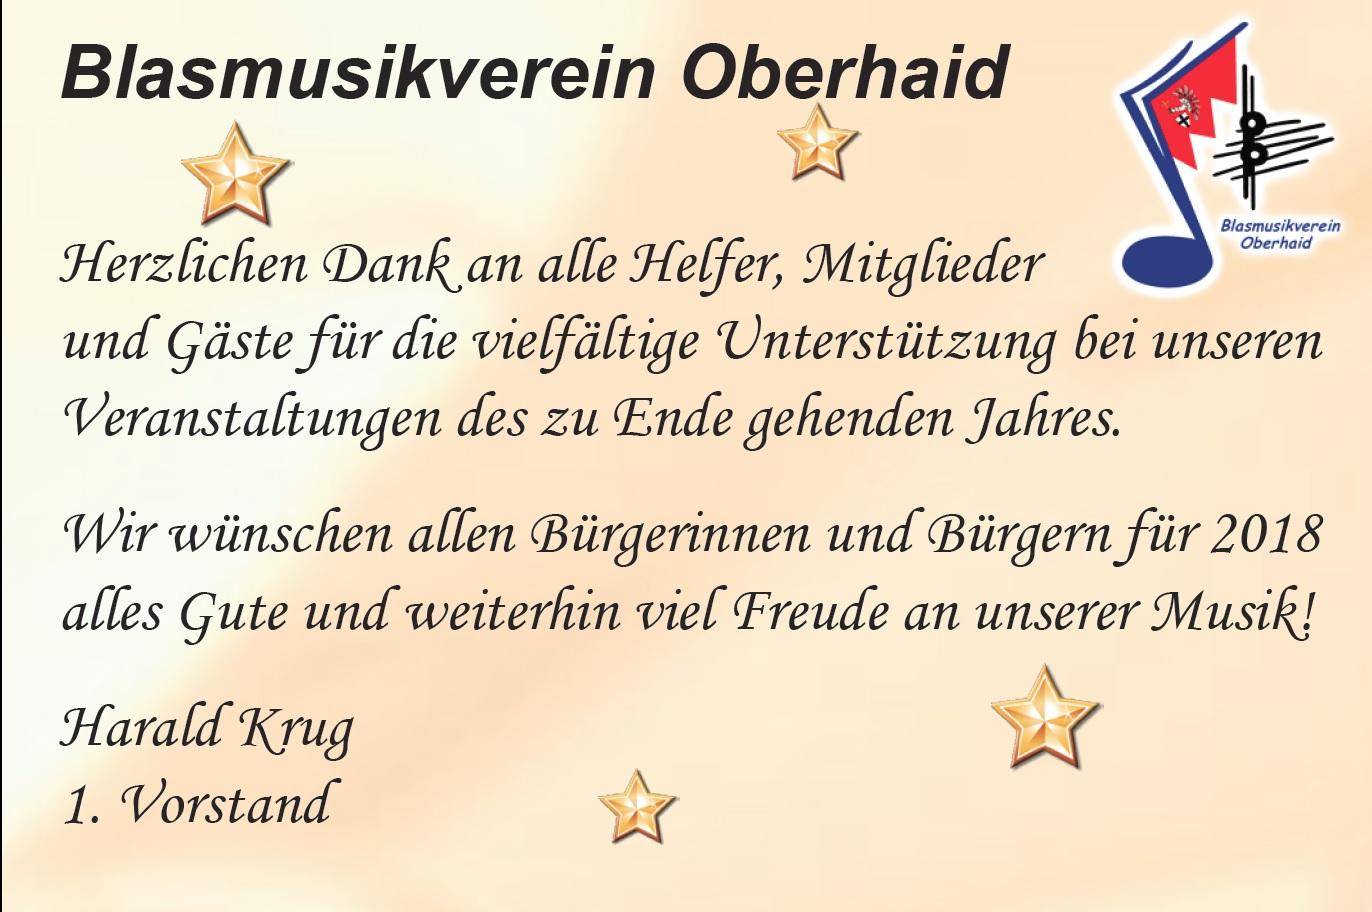 Weihnachtsgrüße Für Gäste.Weihnachtsgrüße Blasmusikverein Oberhaid